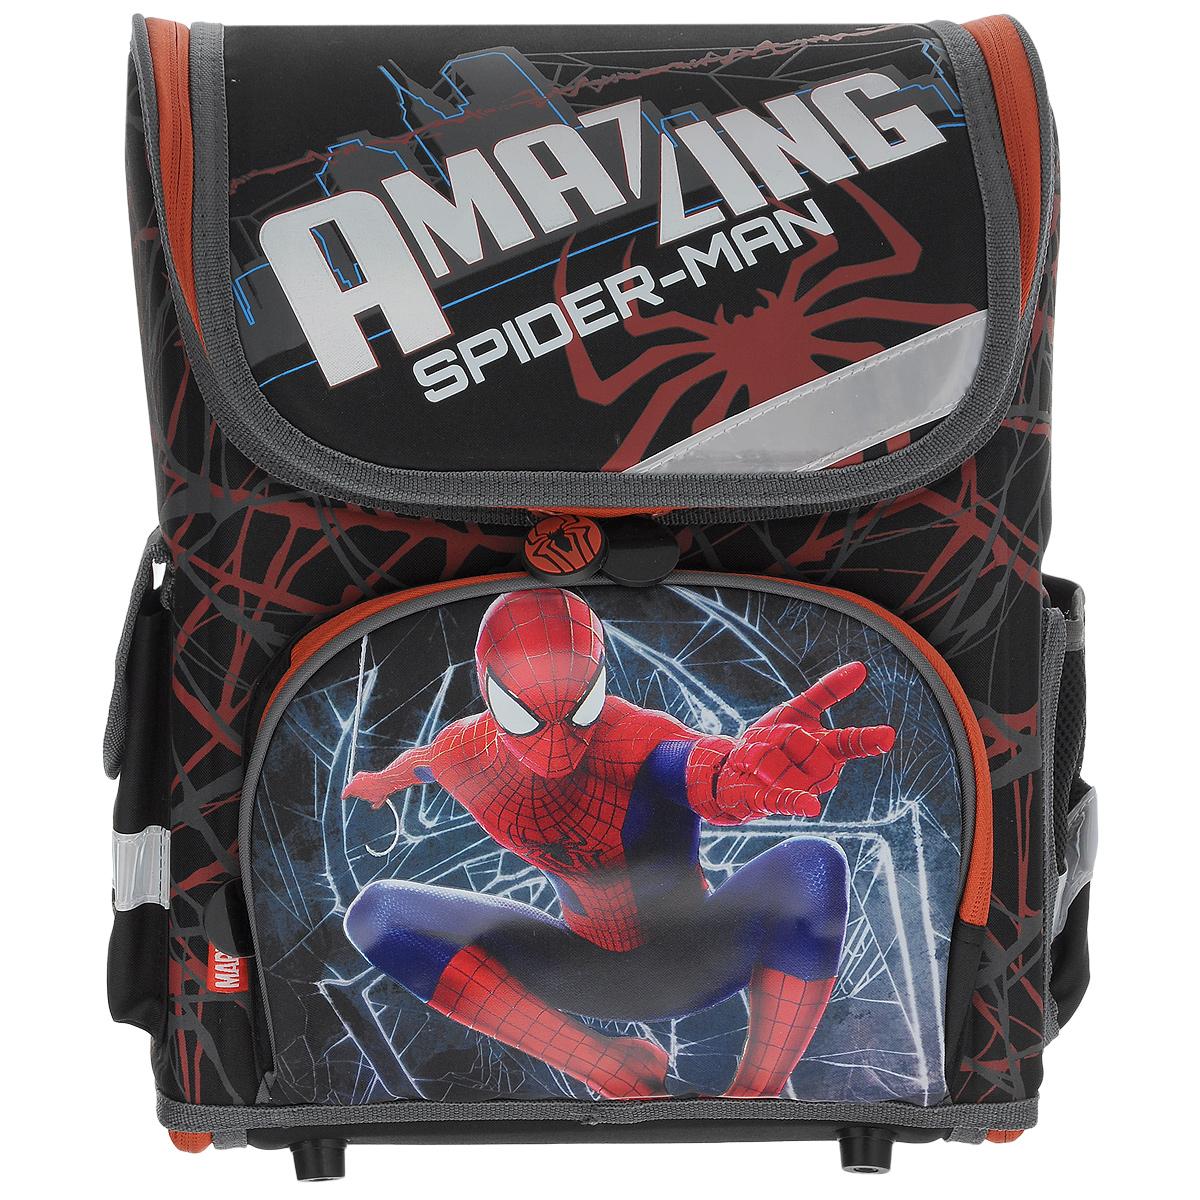 Ранец школьный Spider-man, с наполнением, цвет: черный, красный72523WDШкольный ранец Spider-man выполнен из современного легкого и прочного материала фиолетового цвета, дополненный яркими аппликациями с героями Spider-man. Ранец имеет одно основное отделение, закрывающееся на молнию. Ранец полностью раскладывается. Внутри главного отделения расположен накладной сетчатый карман и два разделителя с утягивающей резинкой, предназначенные для размещения предметов без сложения, размером до формата А4 включительно. На лицевой стороне ранца расположен накладной карман на молнии. По бокам ранца размещены два дополнительных накладных кармана, один на застежке-молнии, и один открытый. Рельеф спинки ранца разработан с учетом особенности детского позвоночника.Ранец оснащен удобной ручкой для переноски и двумя широкими лямками, регулируемой длины. Дно ранца защищено пластиковыми ножками. Многофункциональный школьный ранец станет незаменимым спутником вашего ребенка в походах за знаниями. В комплекте с ранцем идет наполнение: Альбом для рисования, формат 290х205, 20 листов; Тетрадь в клетку, 12 листов;Тетрадь в линейку, 12 листов; Дневник школьный; Пластиковая папка-уголок; Ластик школьный; Карандаш чернографитный, 3 шт. Весь товар из наполнения с изображениями Spider-man.